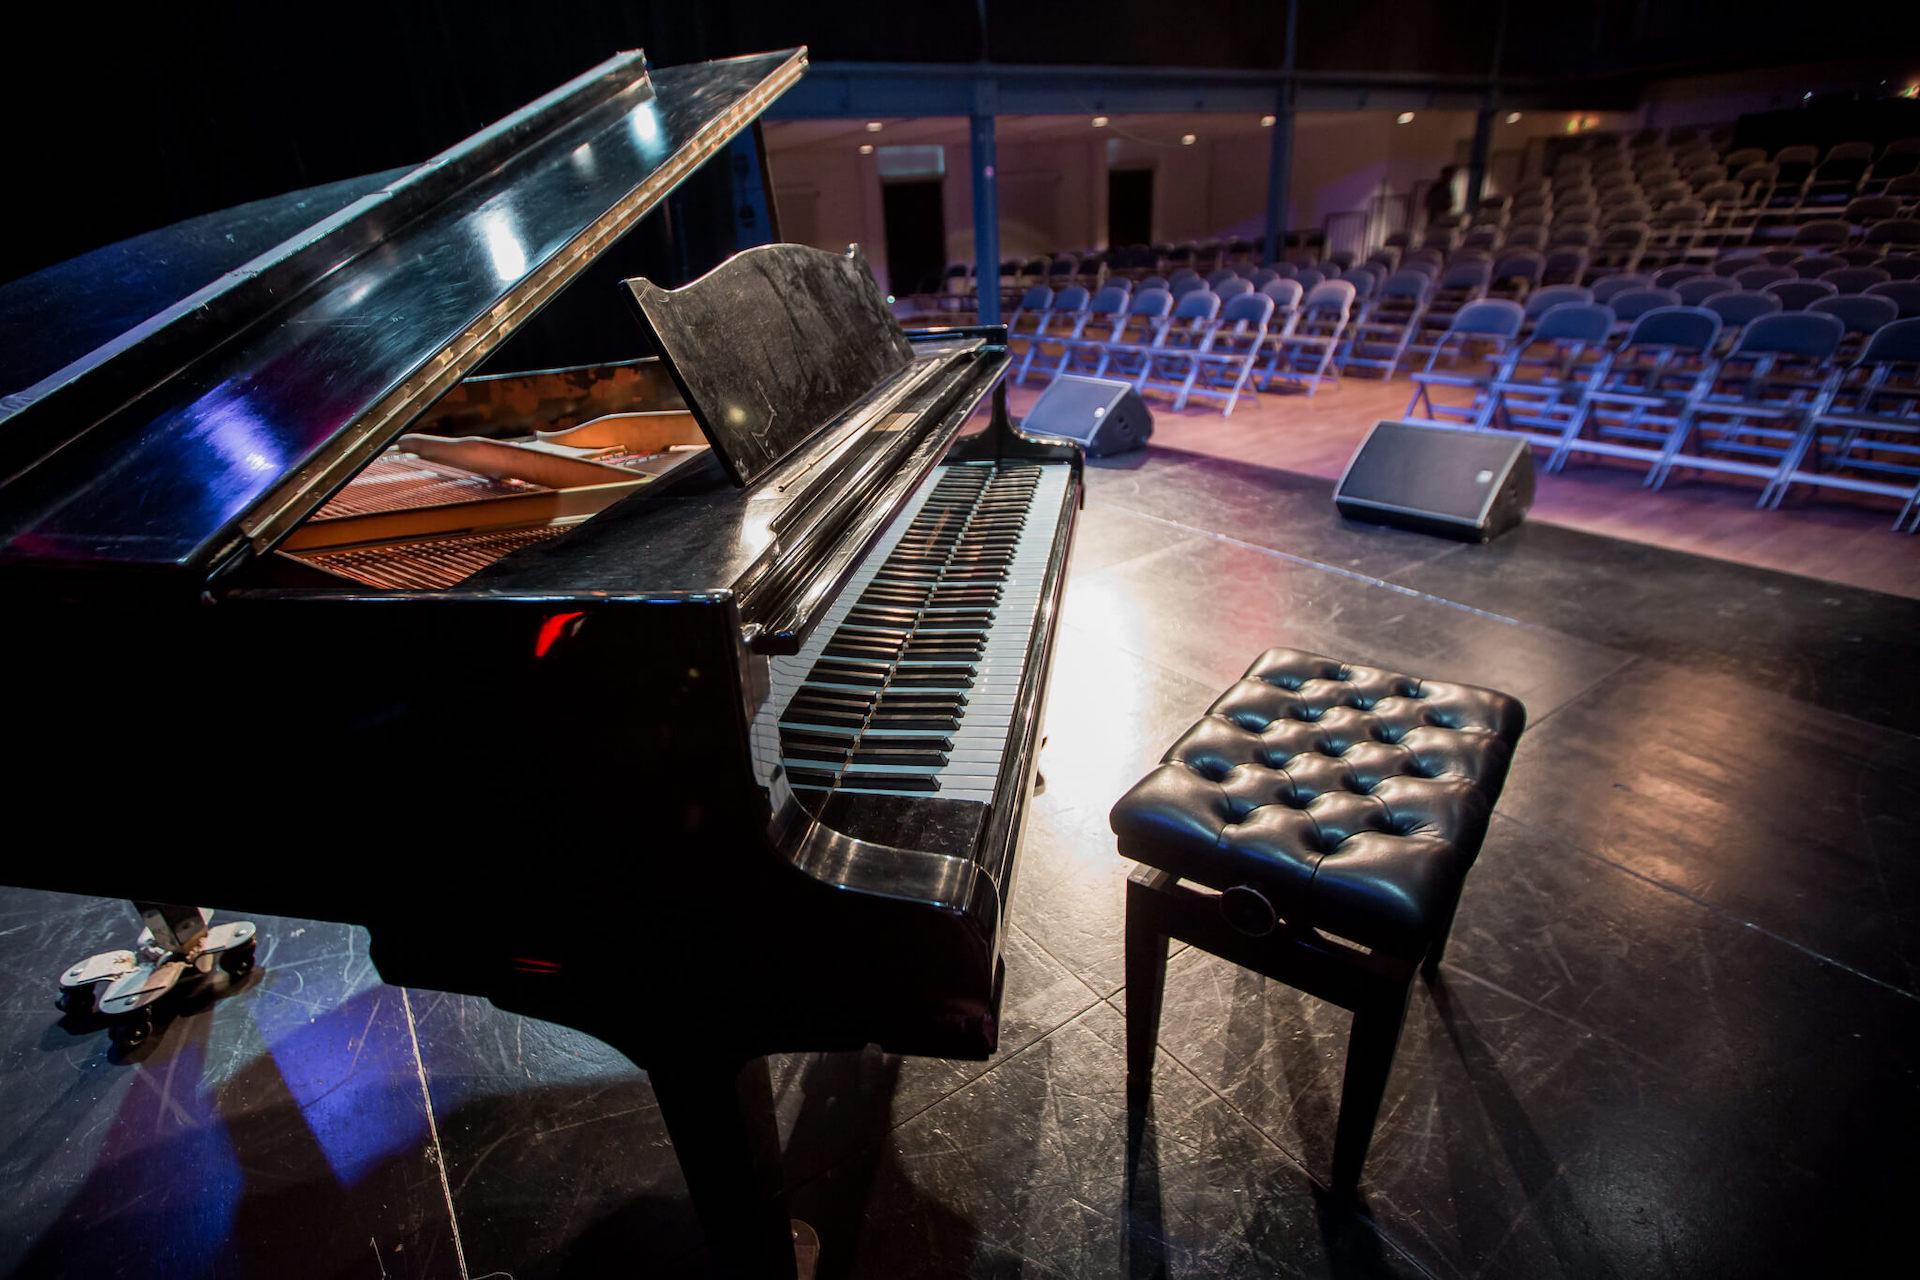 بيانو كبير في القاعة